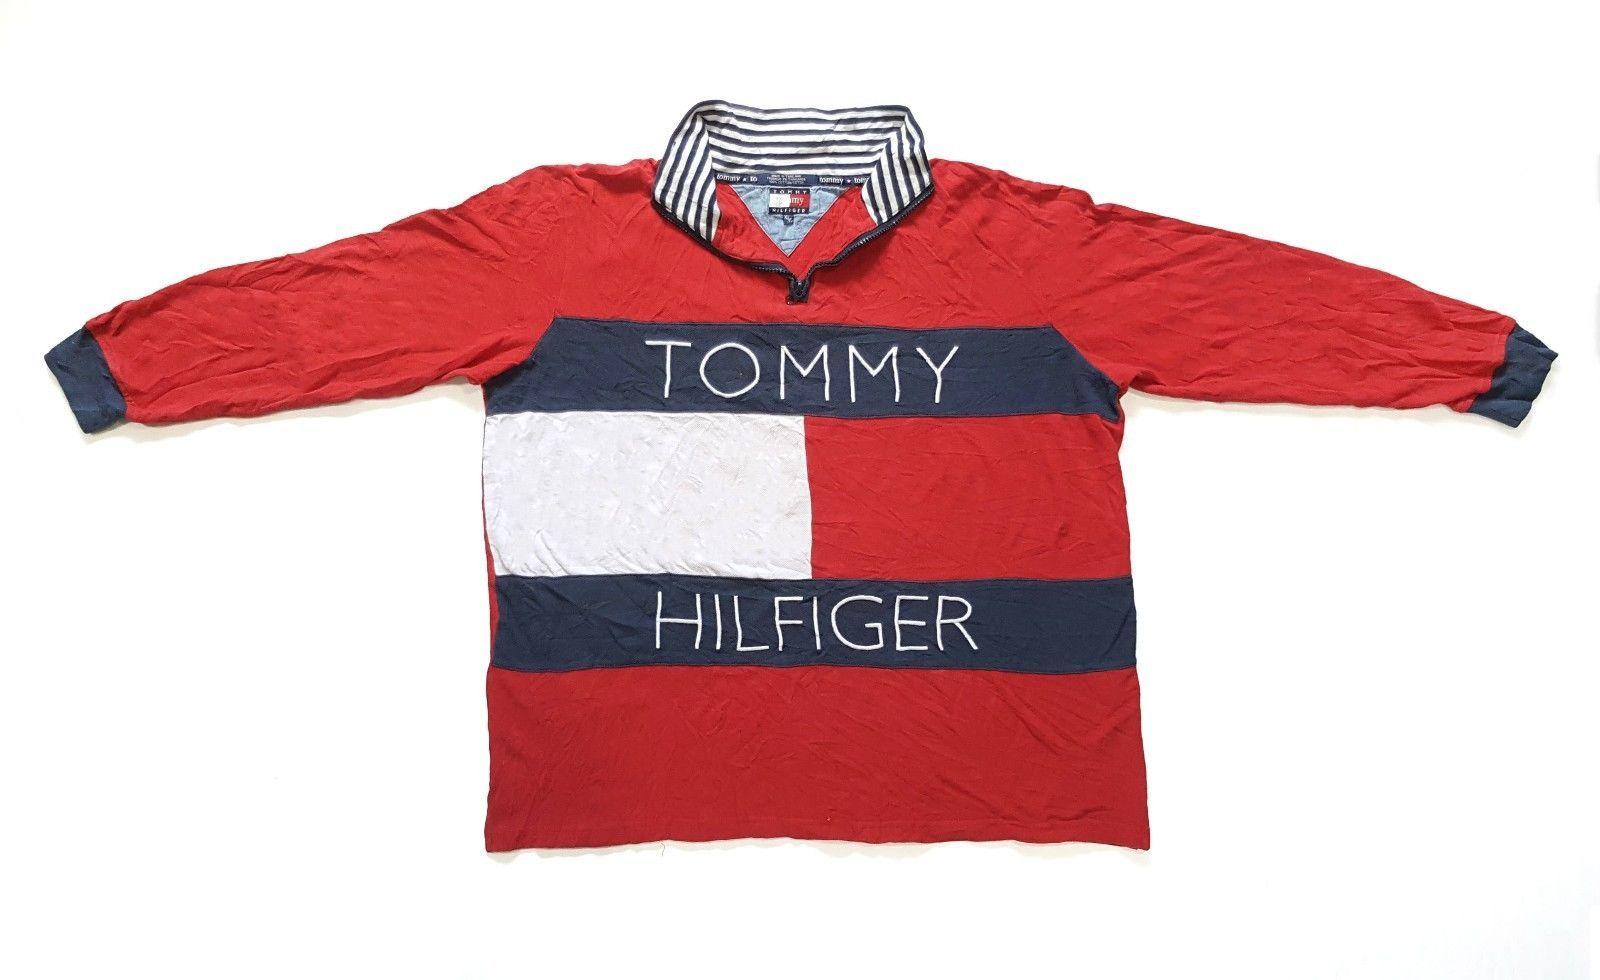 Vintage 90s TOMMY HILFIGER Big Flag Spell out Half Zipper